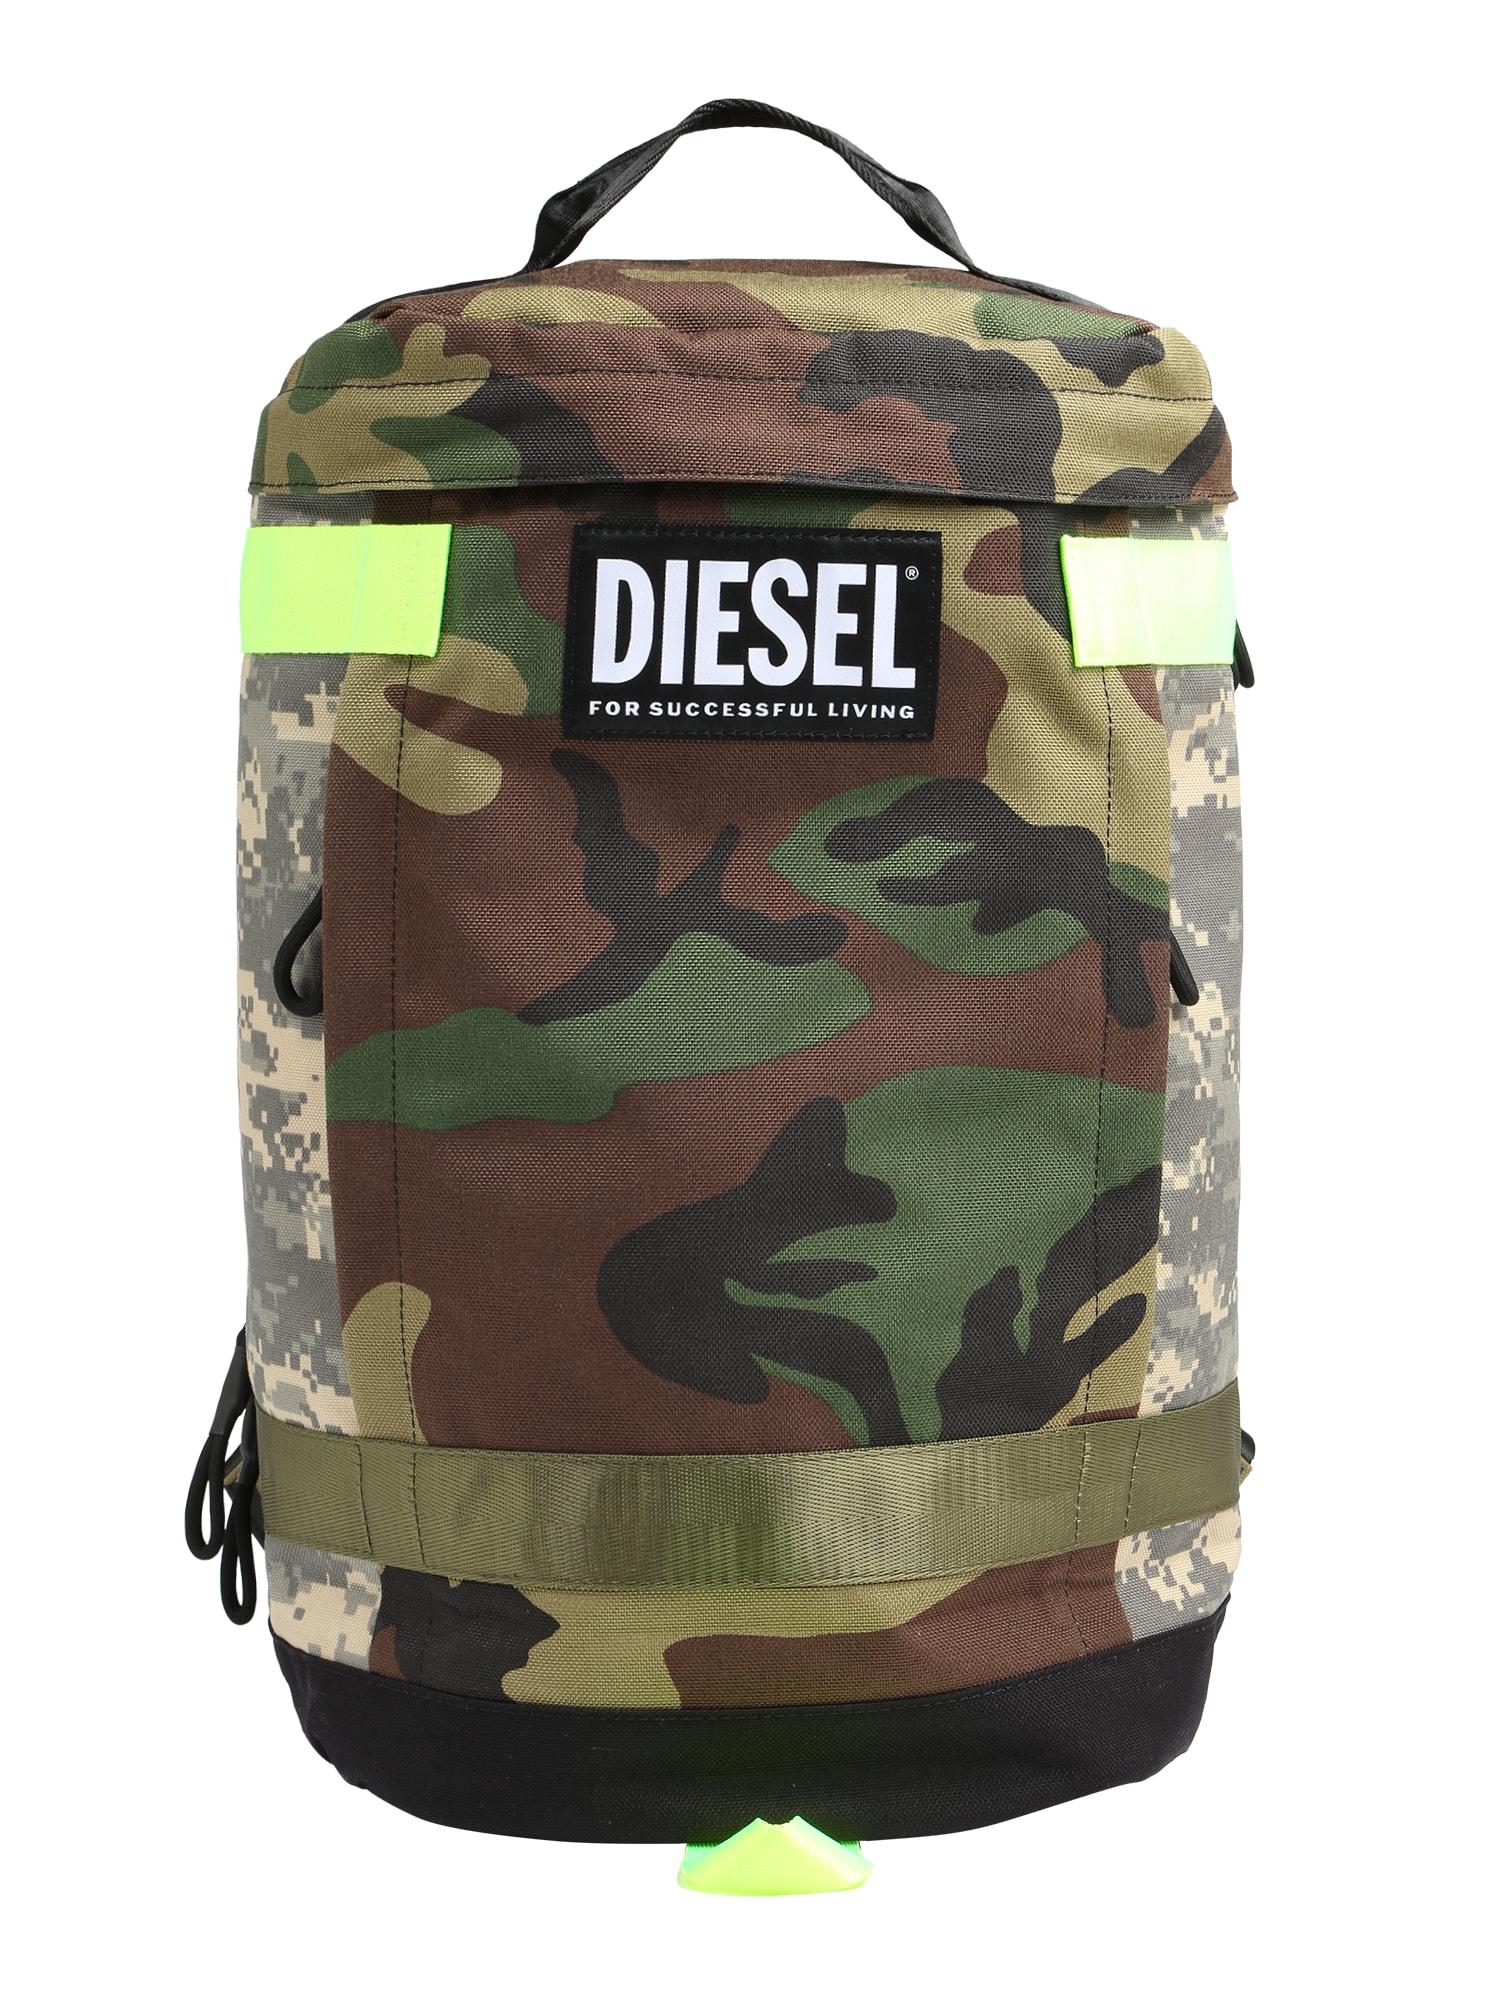 Rucksack | Taschen > Rucksäcke | Diesel